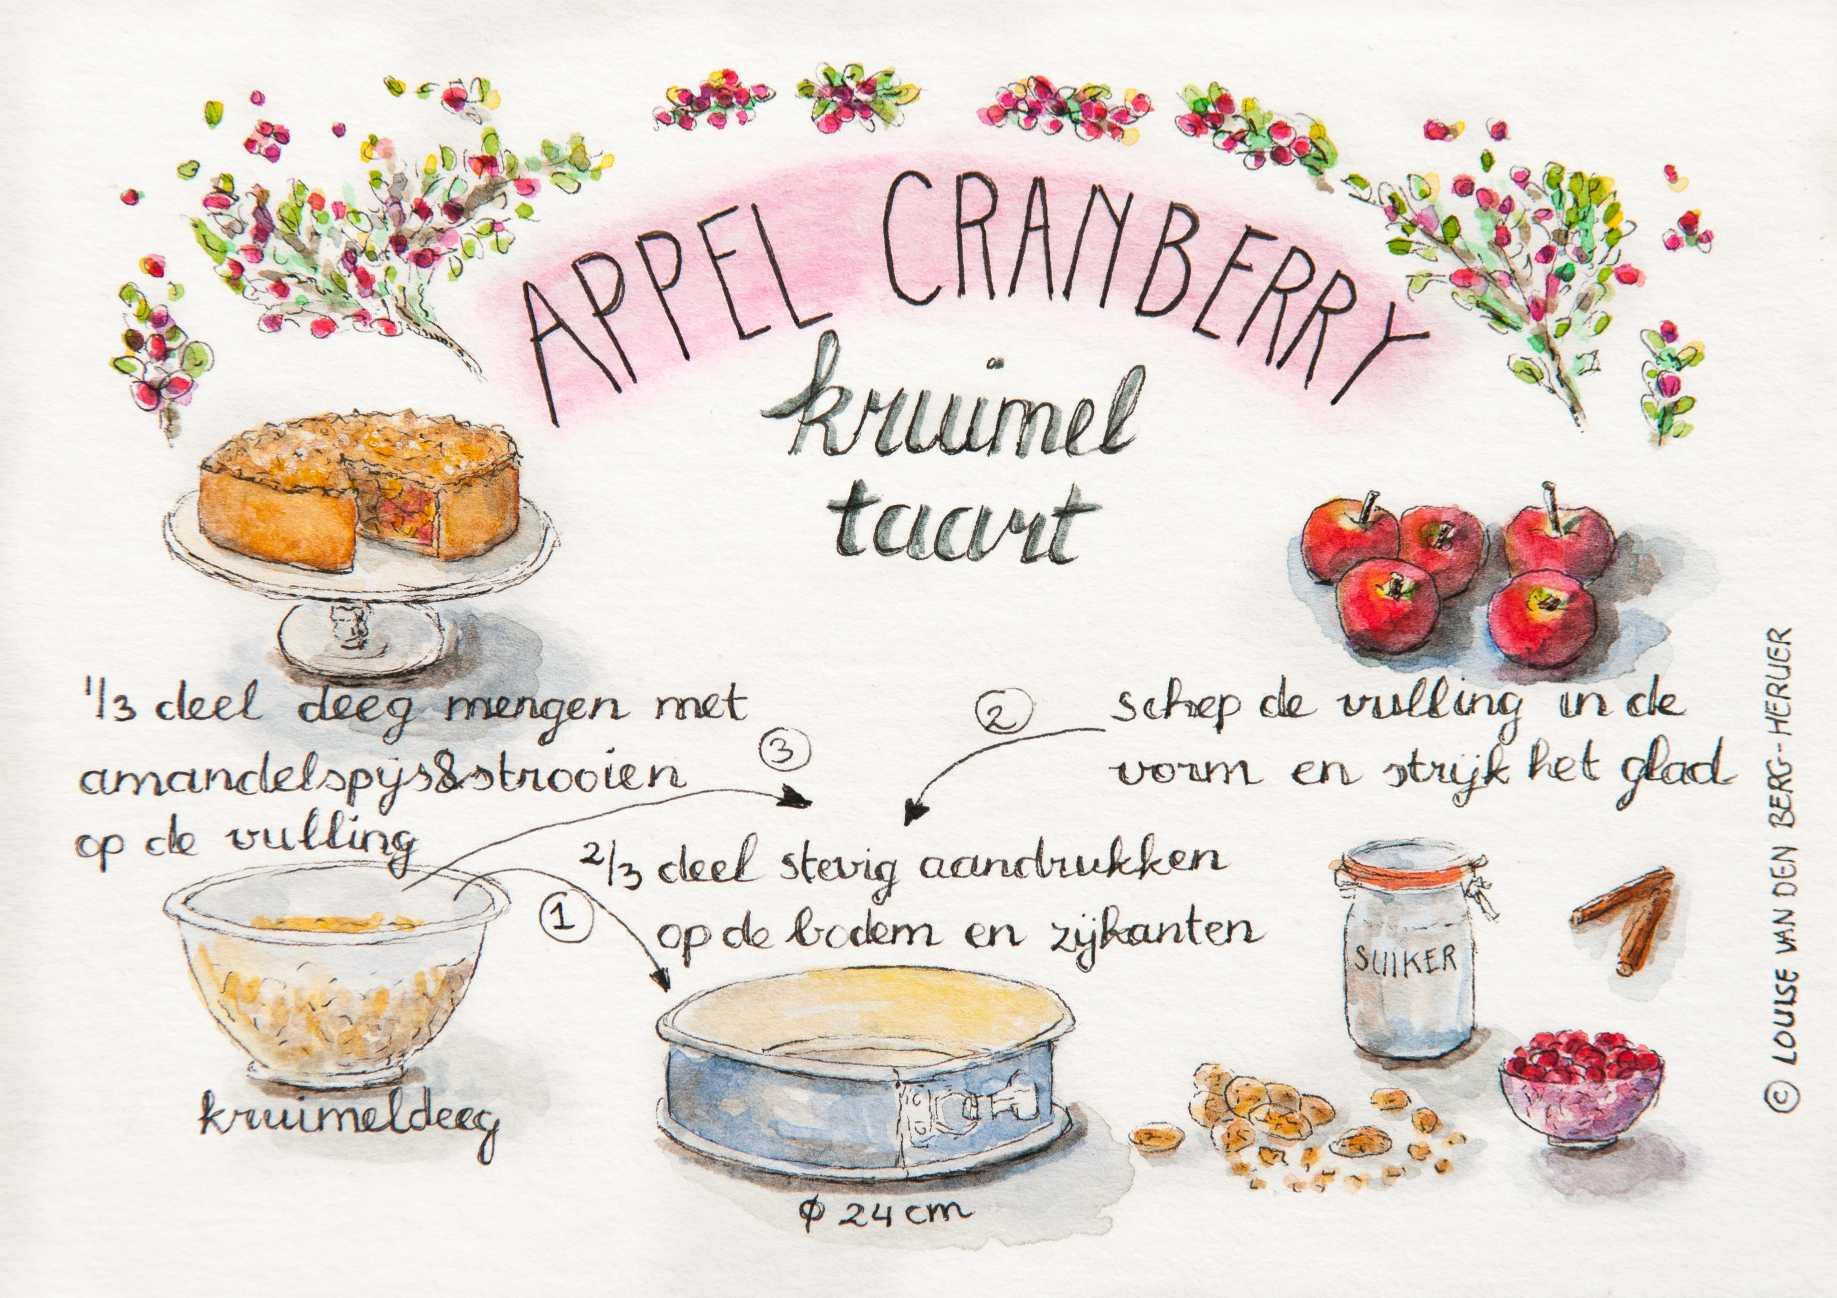 illustratie appel cranberry kruimeltaart